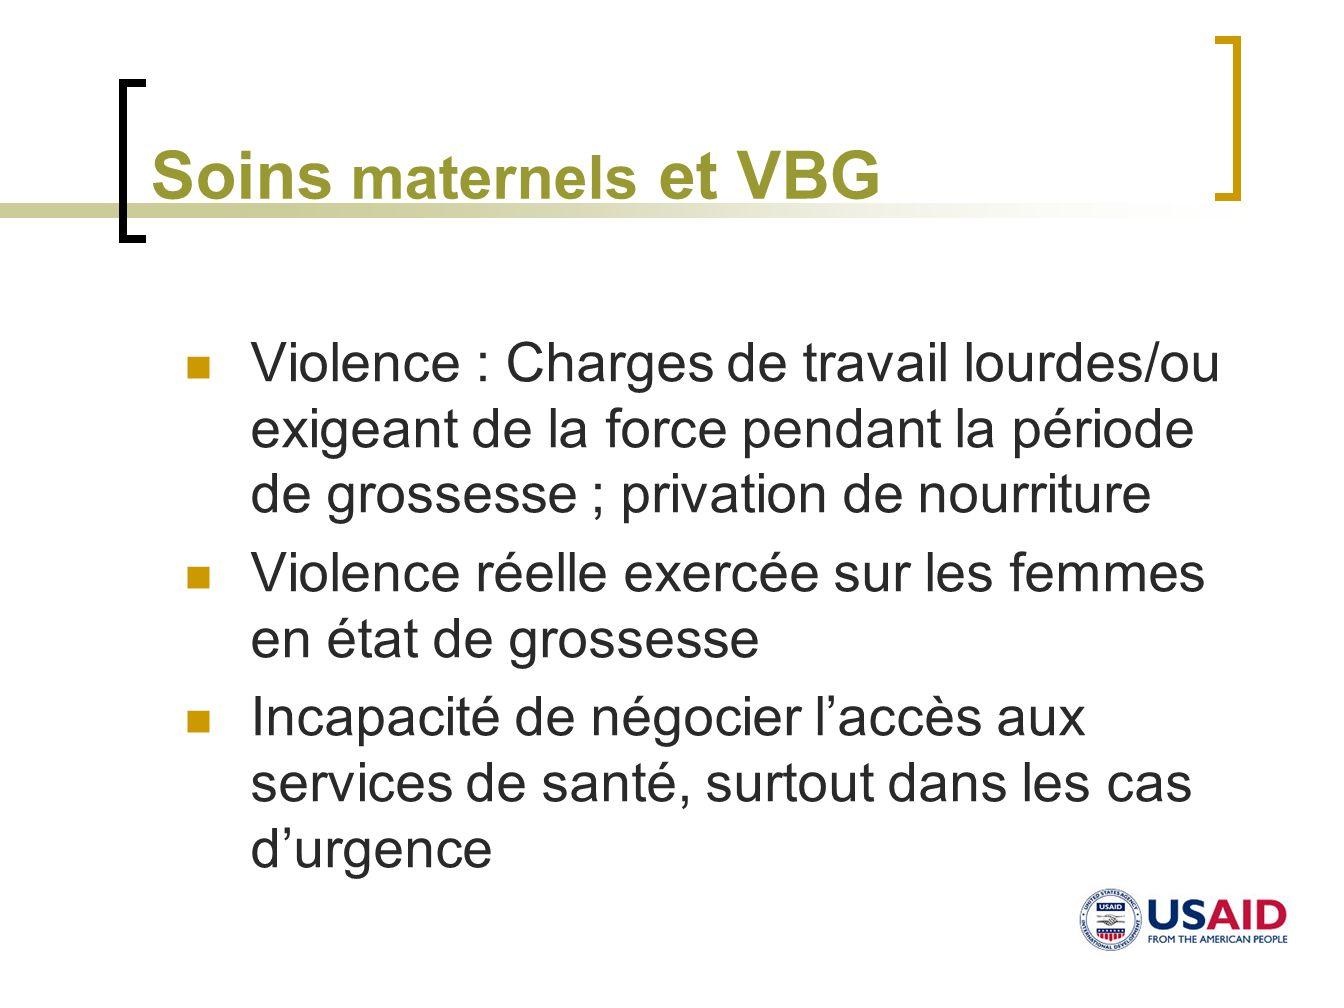 Soins maternels et VBGViolence : Charges de travail lourdes/ou exigeant de la force pendant la période de grossesse ; privation de nourriture.